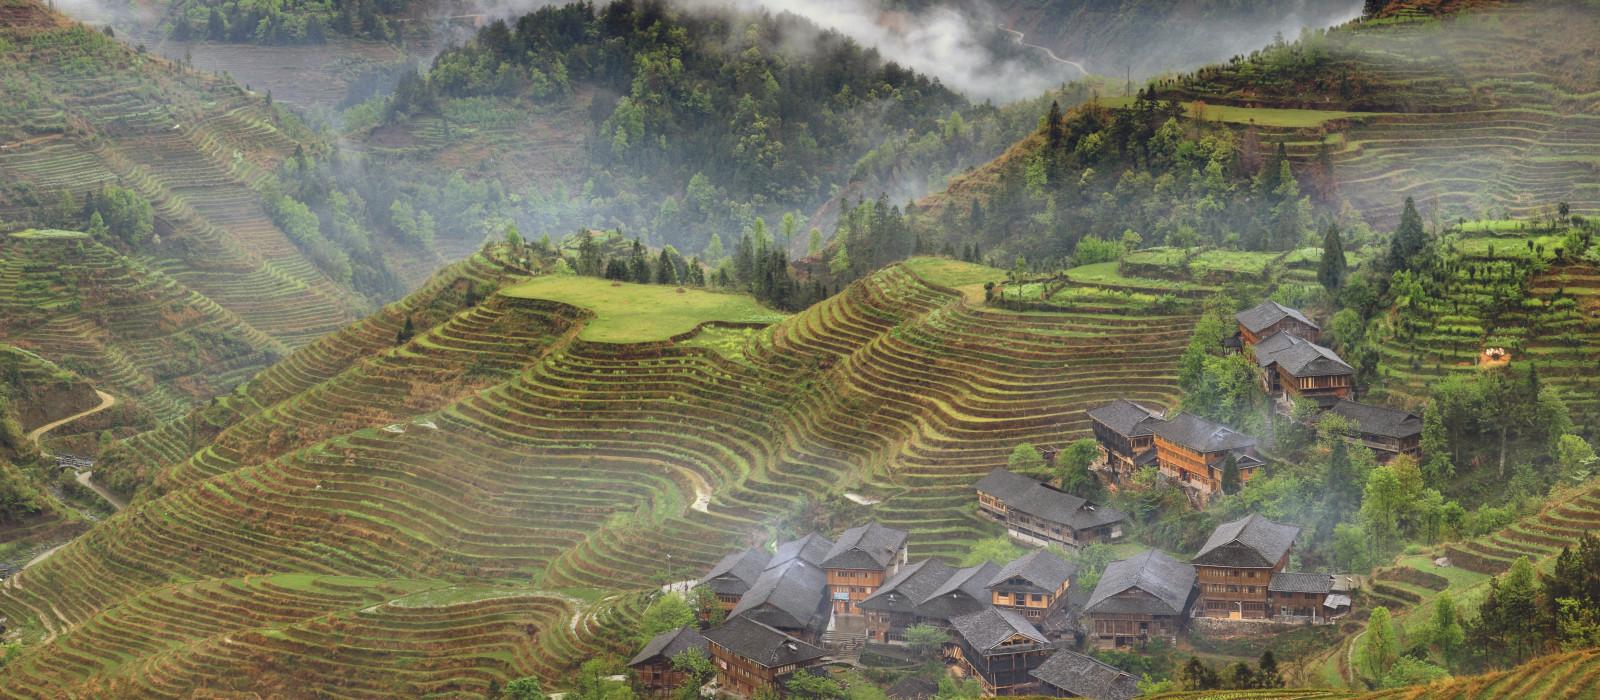 Reiseziel Longsheng China